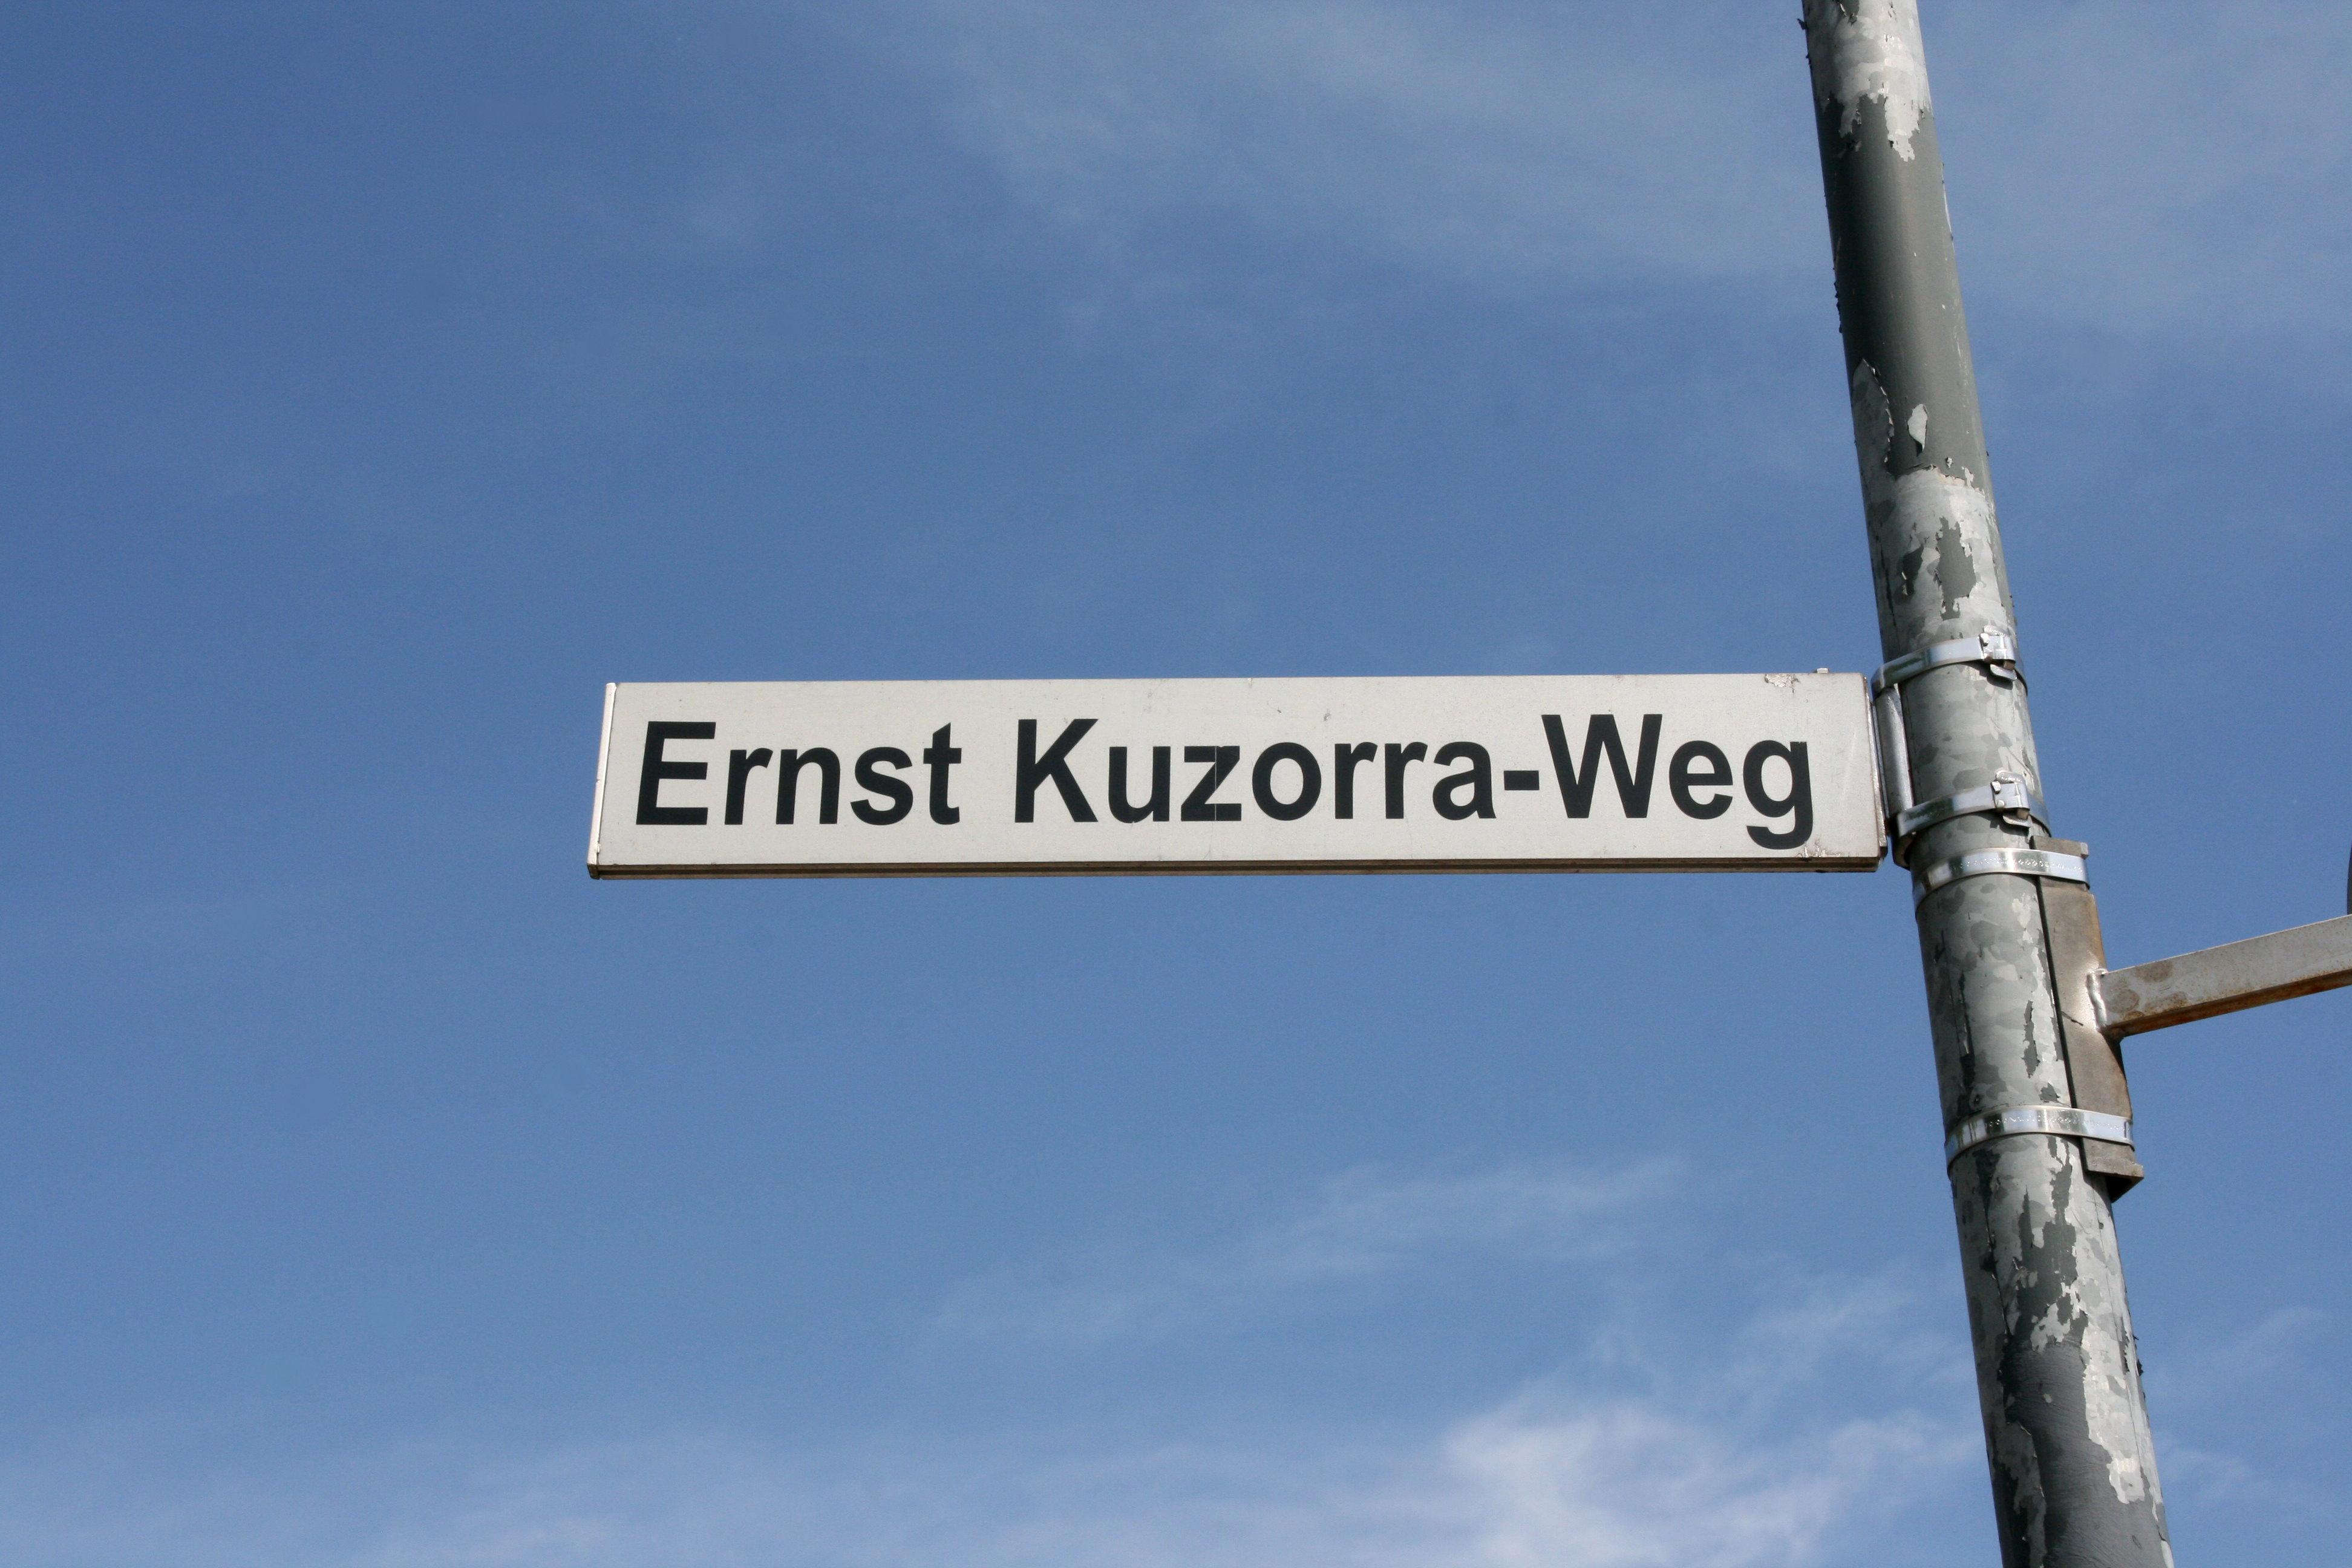 Ernst Kuzorra Weg